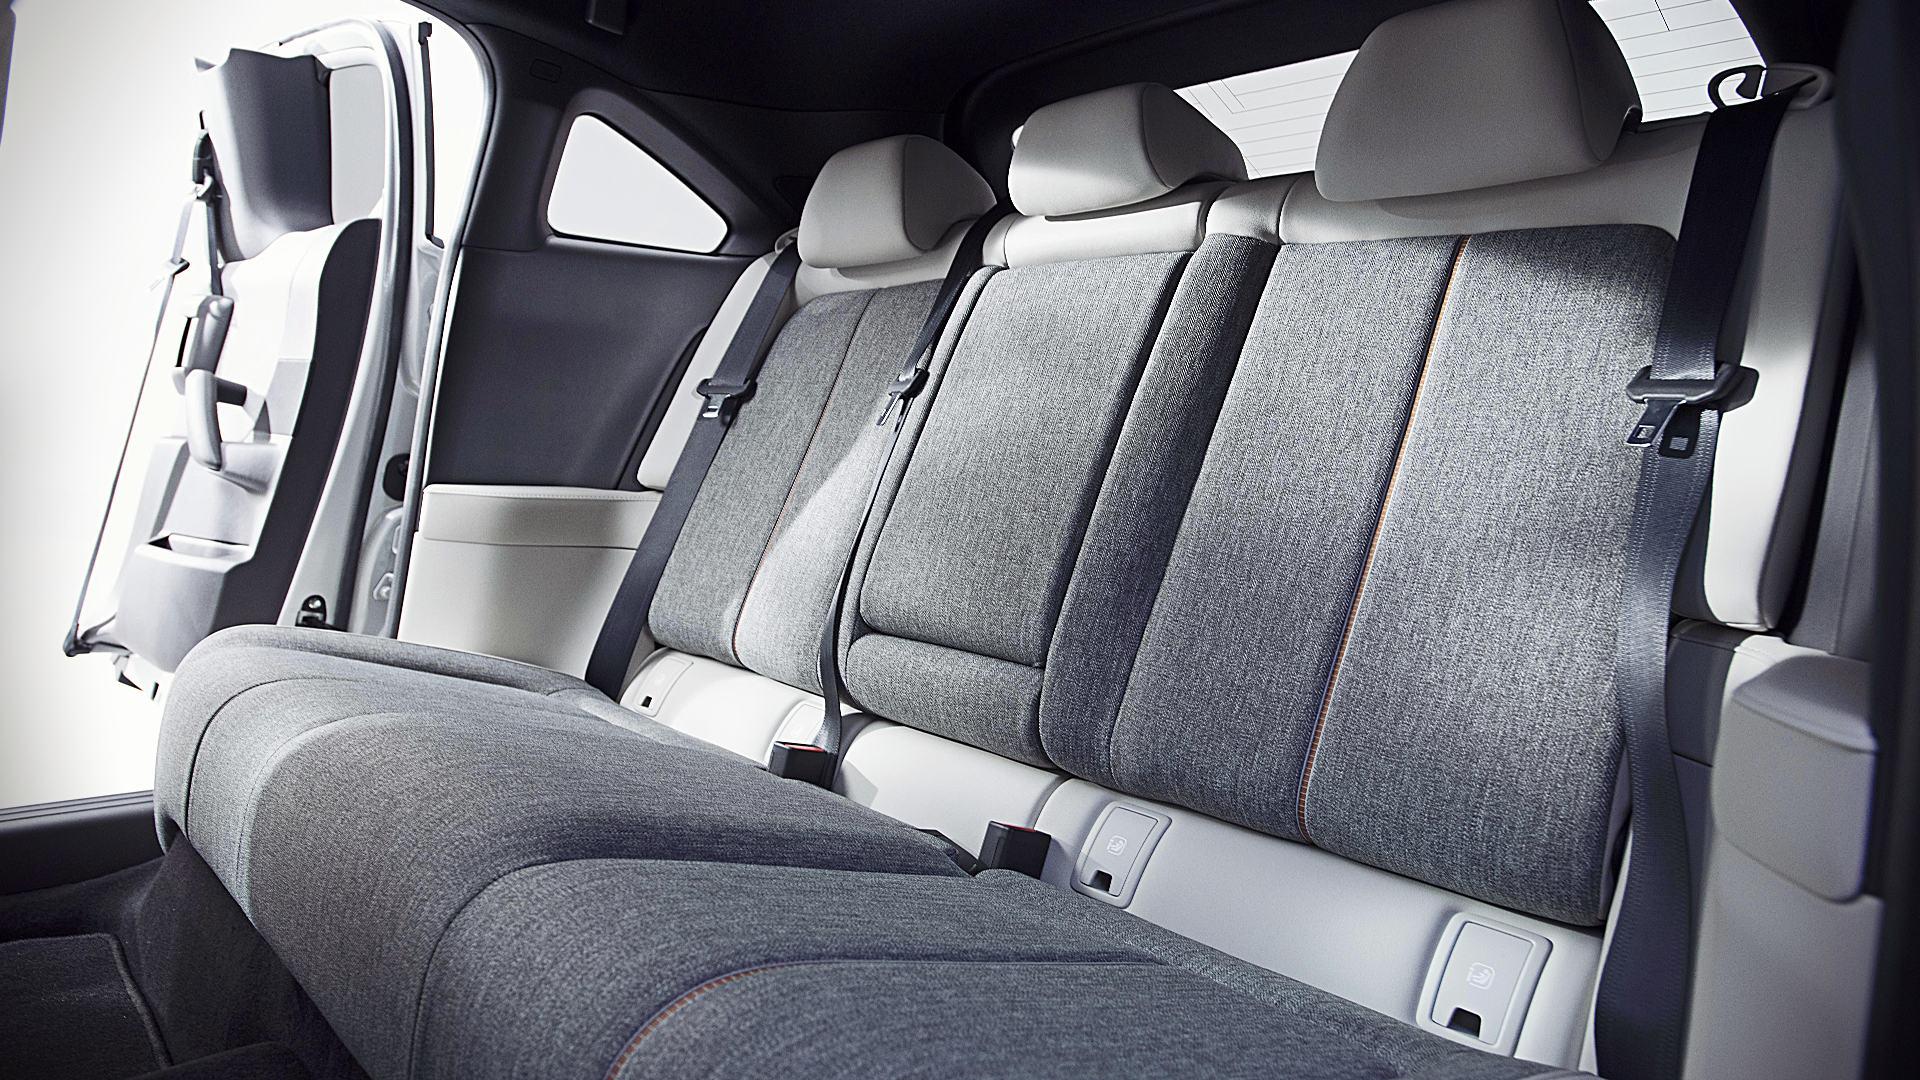 2021 Mazda MX-30 Interior Images